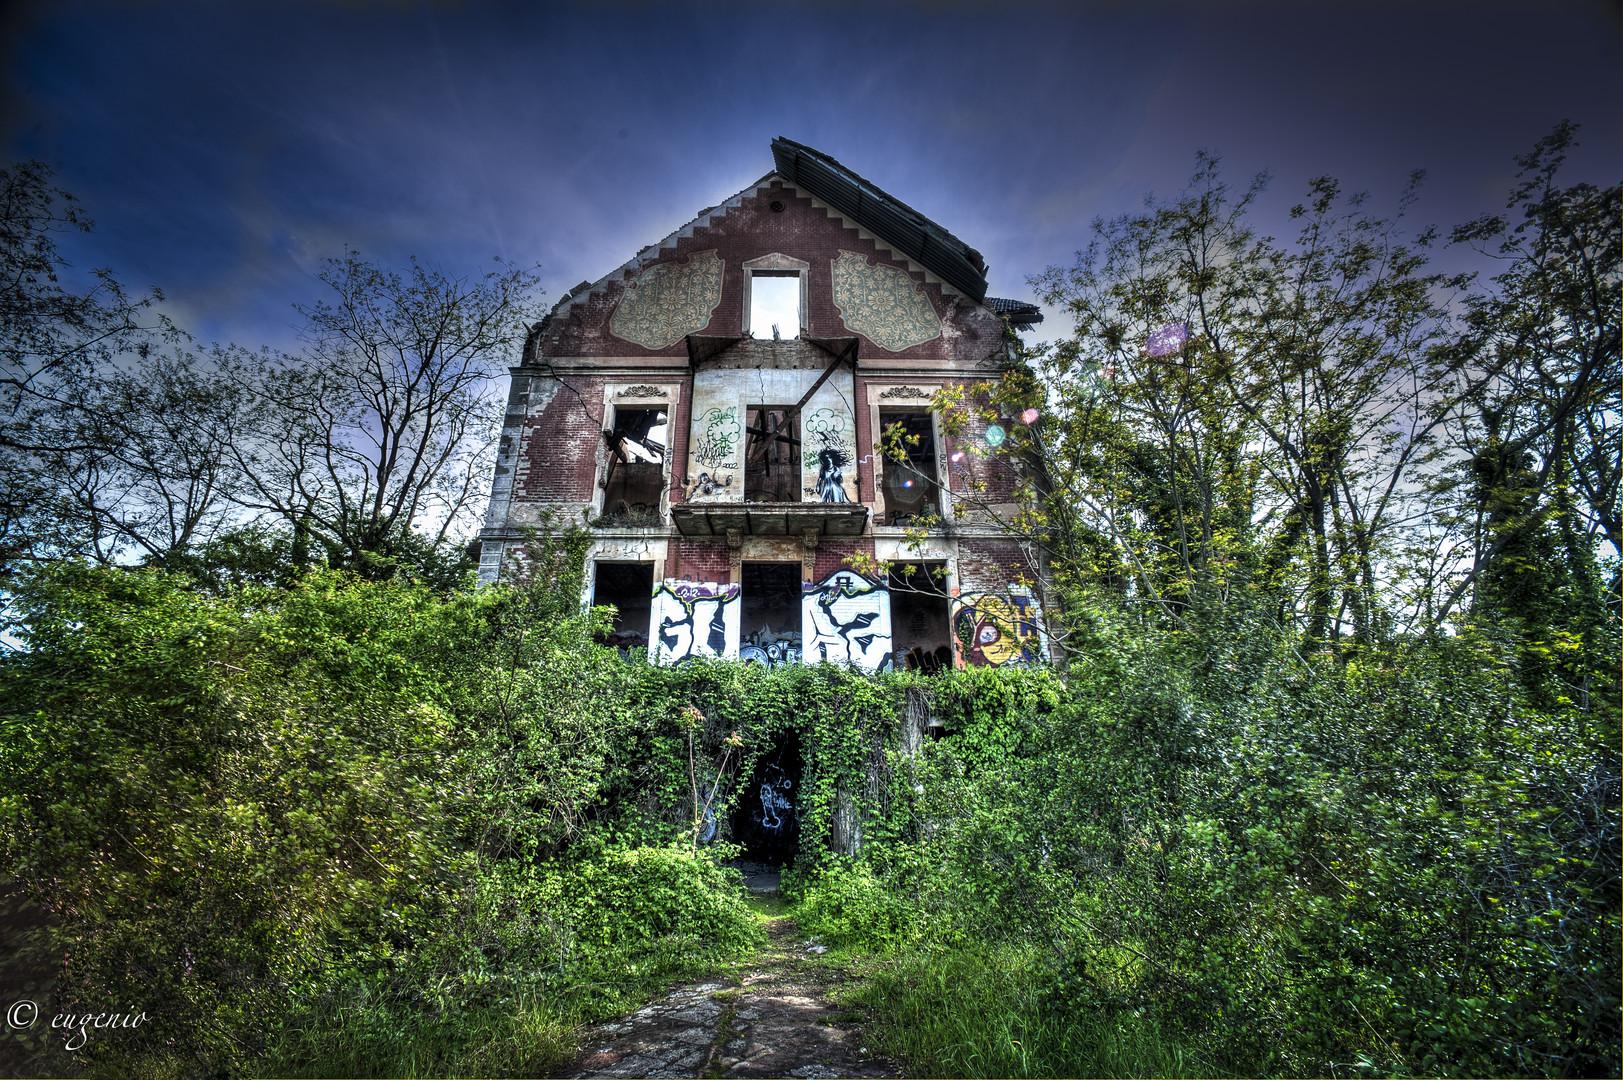 Esta es la casa en ruina desde fuera